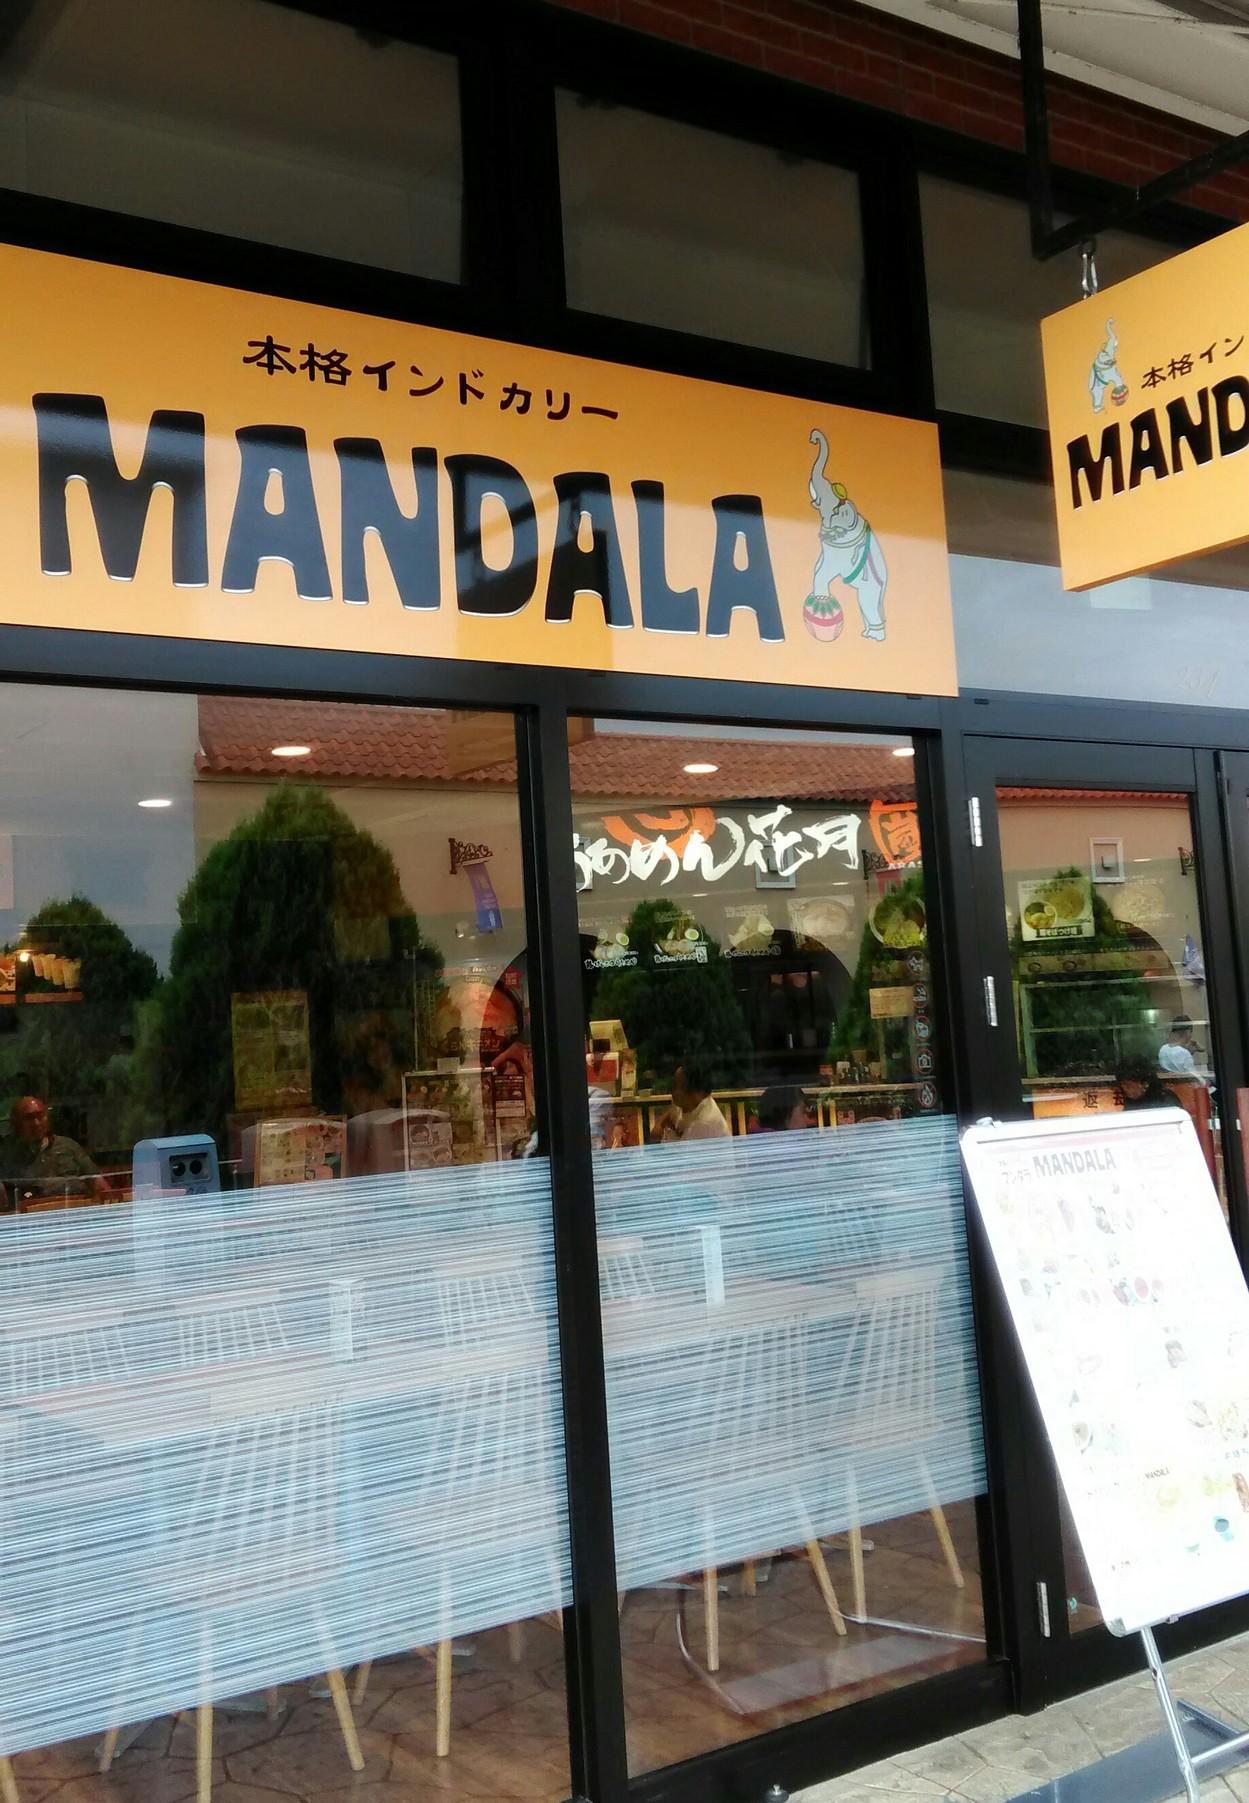 マンダラ name=